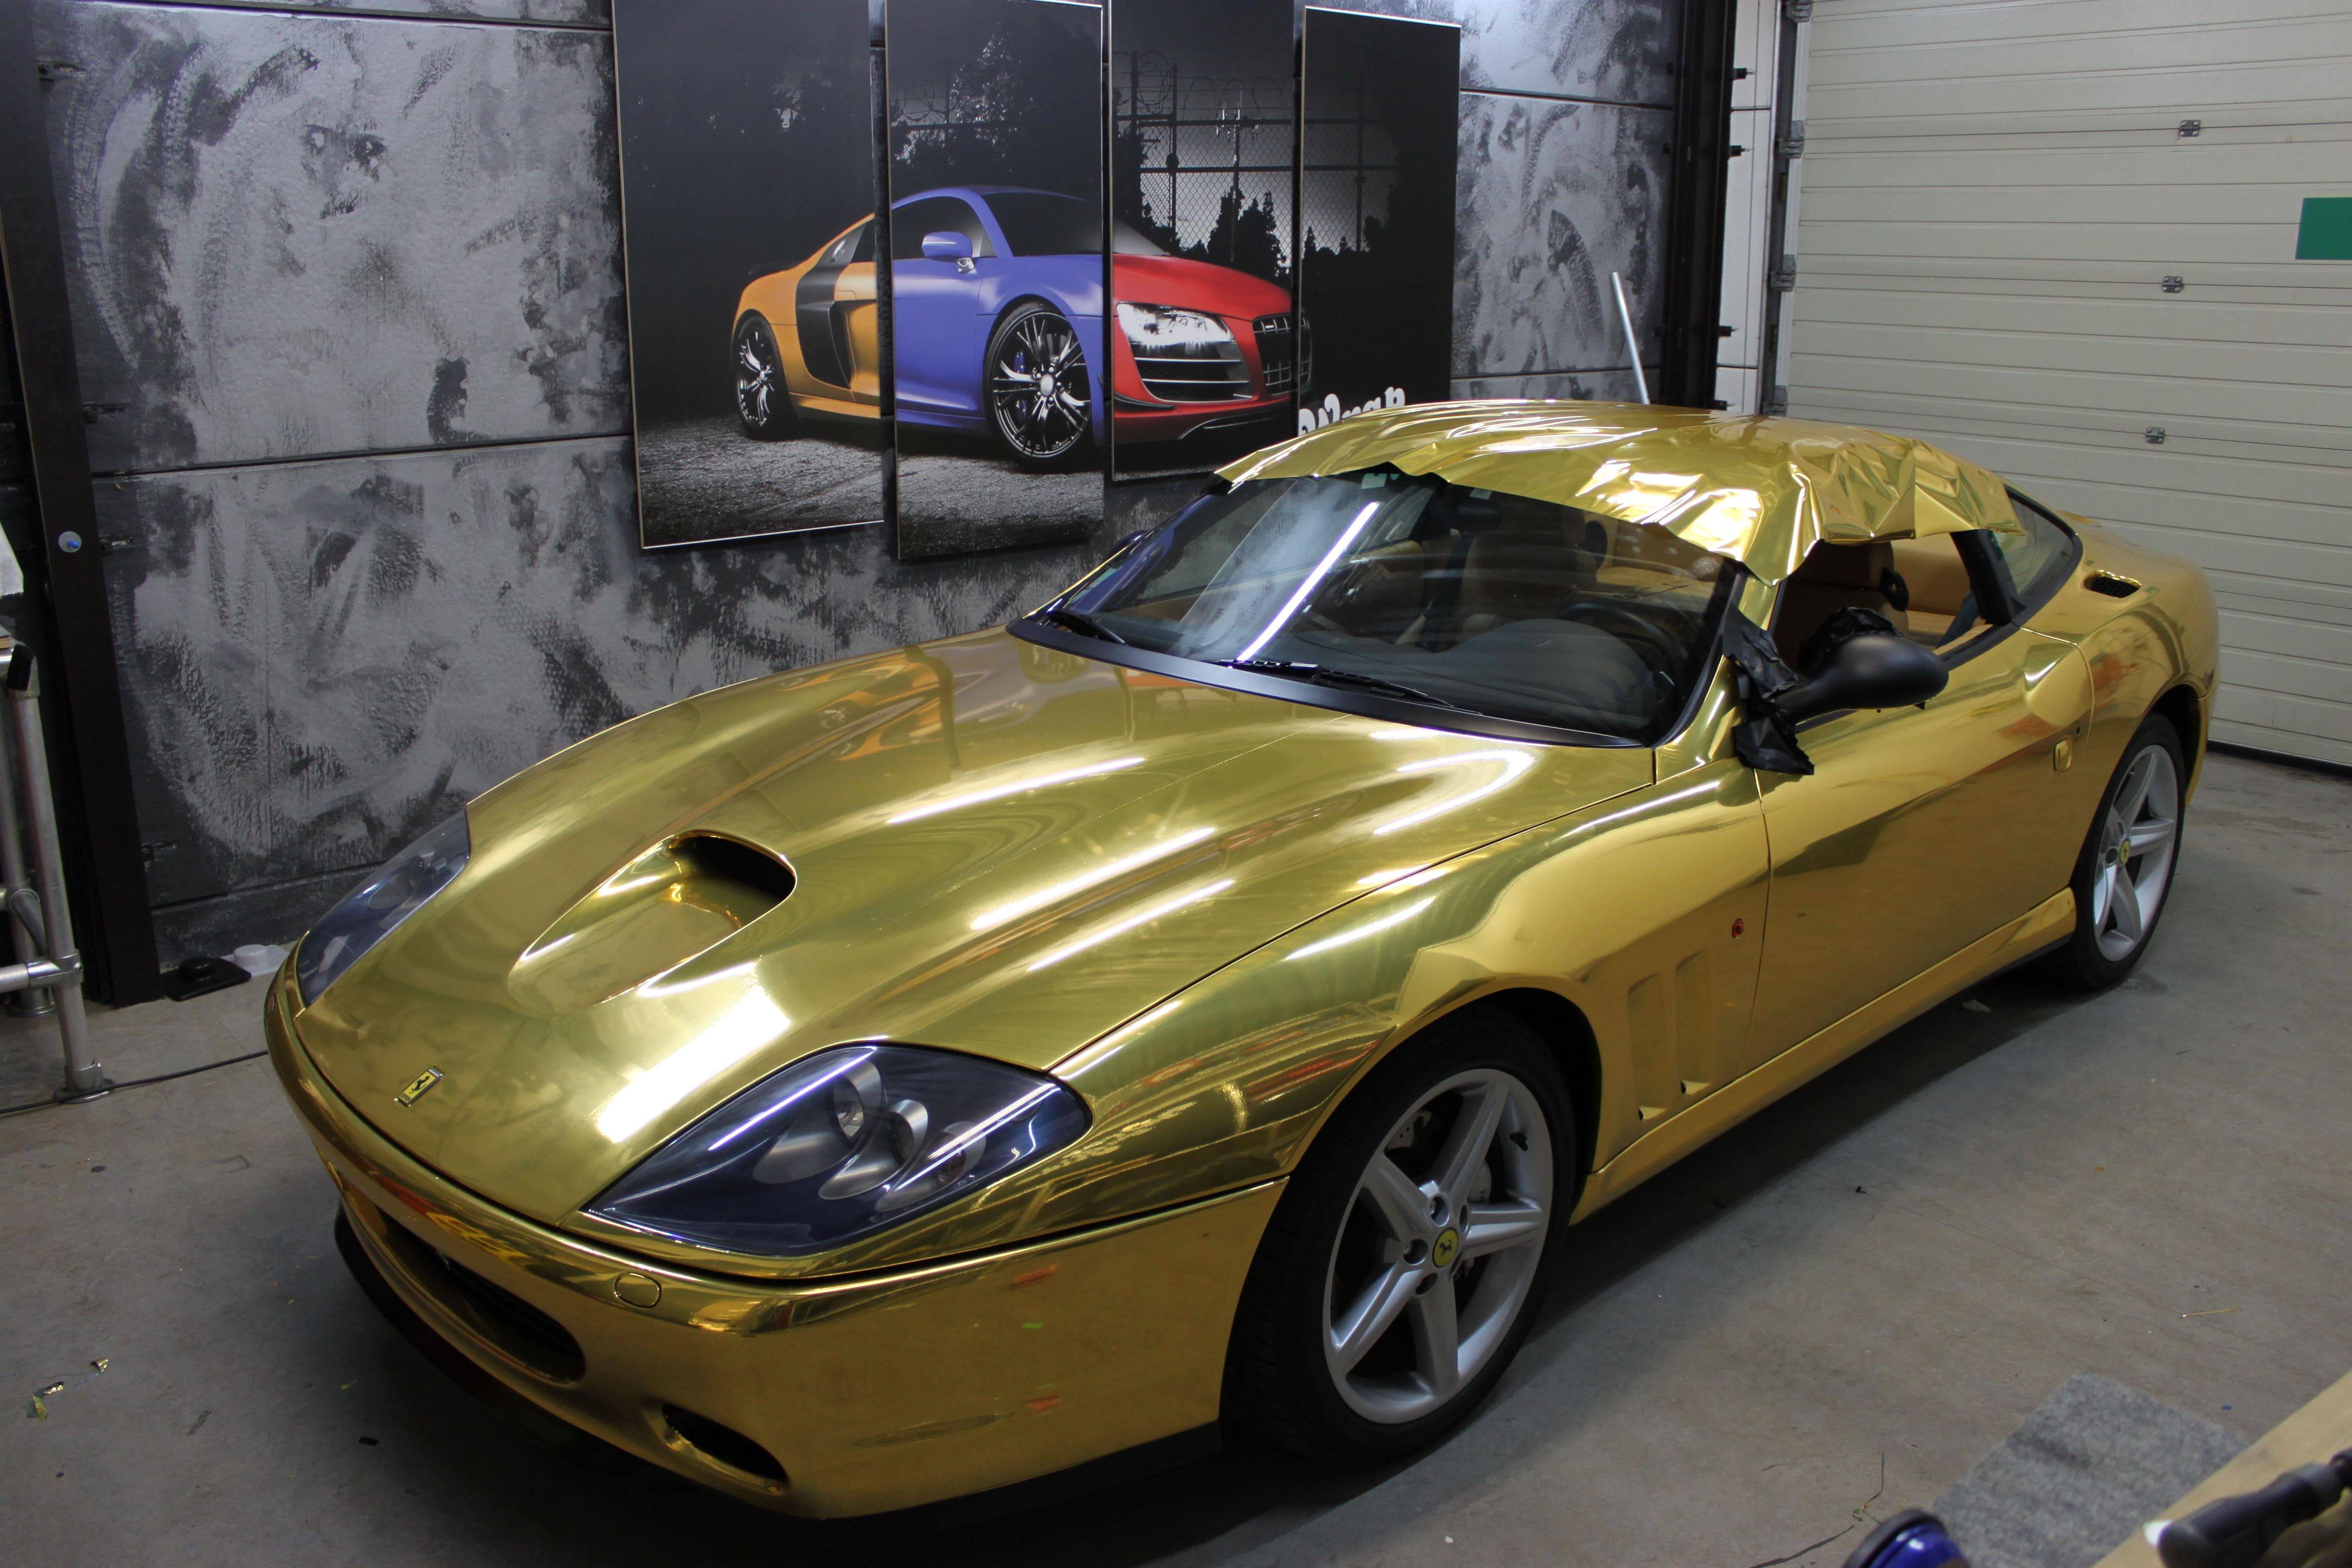 Ferrari 575 met Goud Chrome Wrap., Carwrapping door Wrapmyride.nu Foto-nr:5700, ©2021